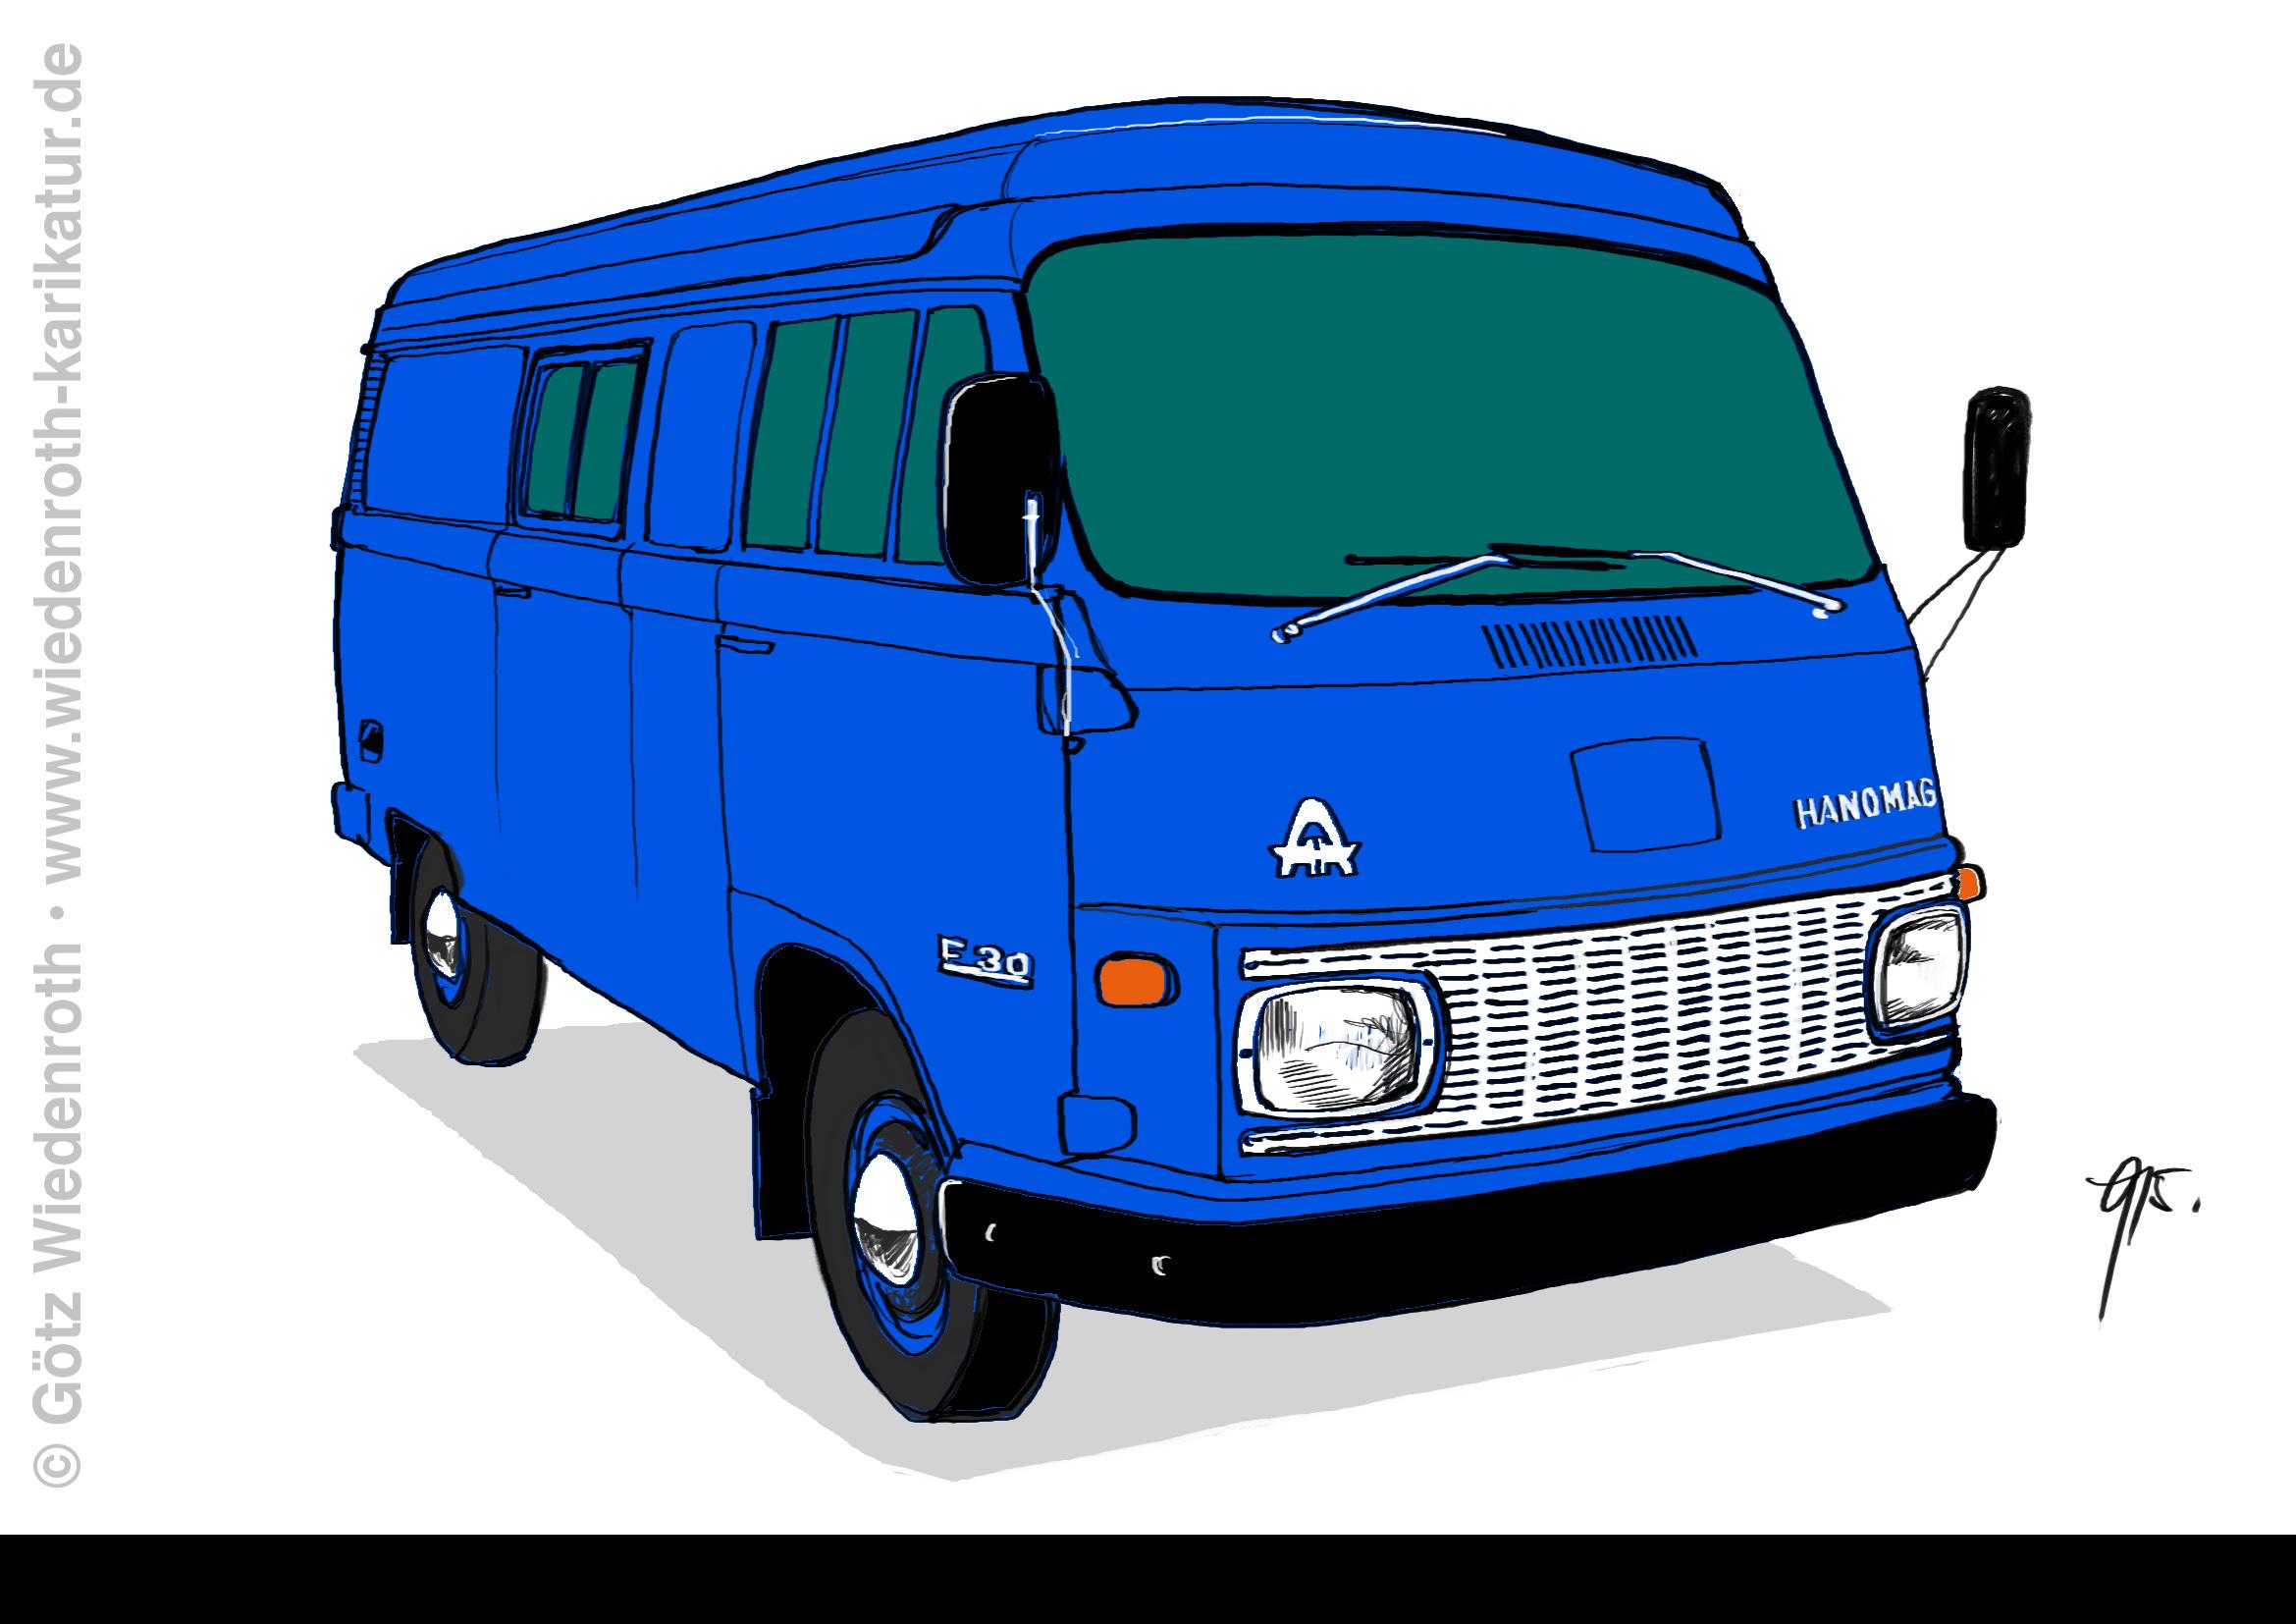 Hanomag_F_30_Lieferwagen_1967.jpg